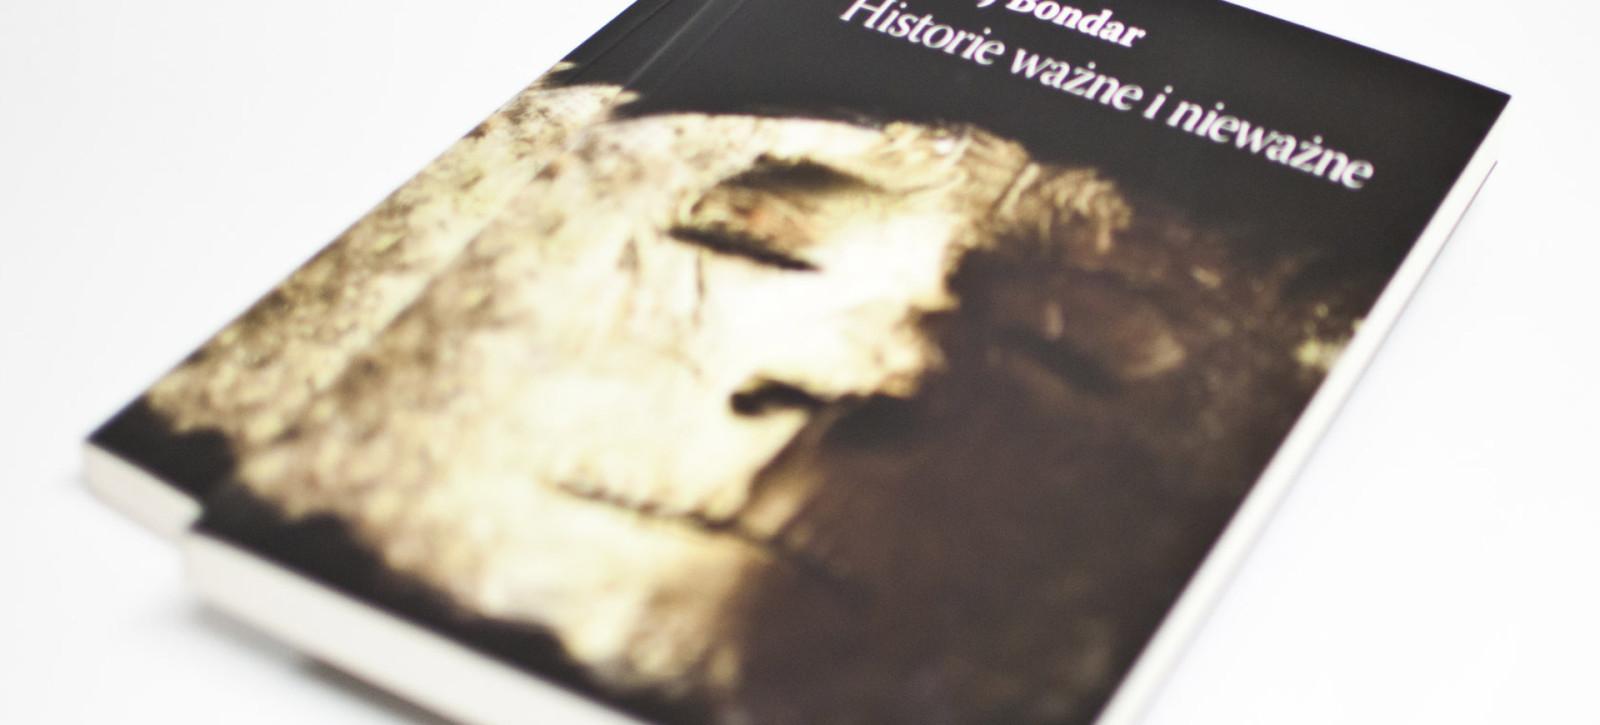 KSIAZKI_Historie-wazne-i-niewazne